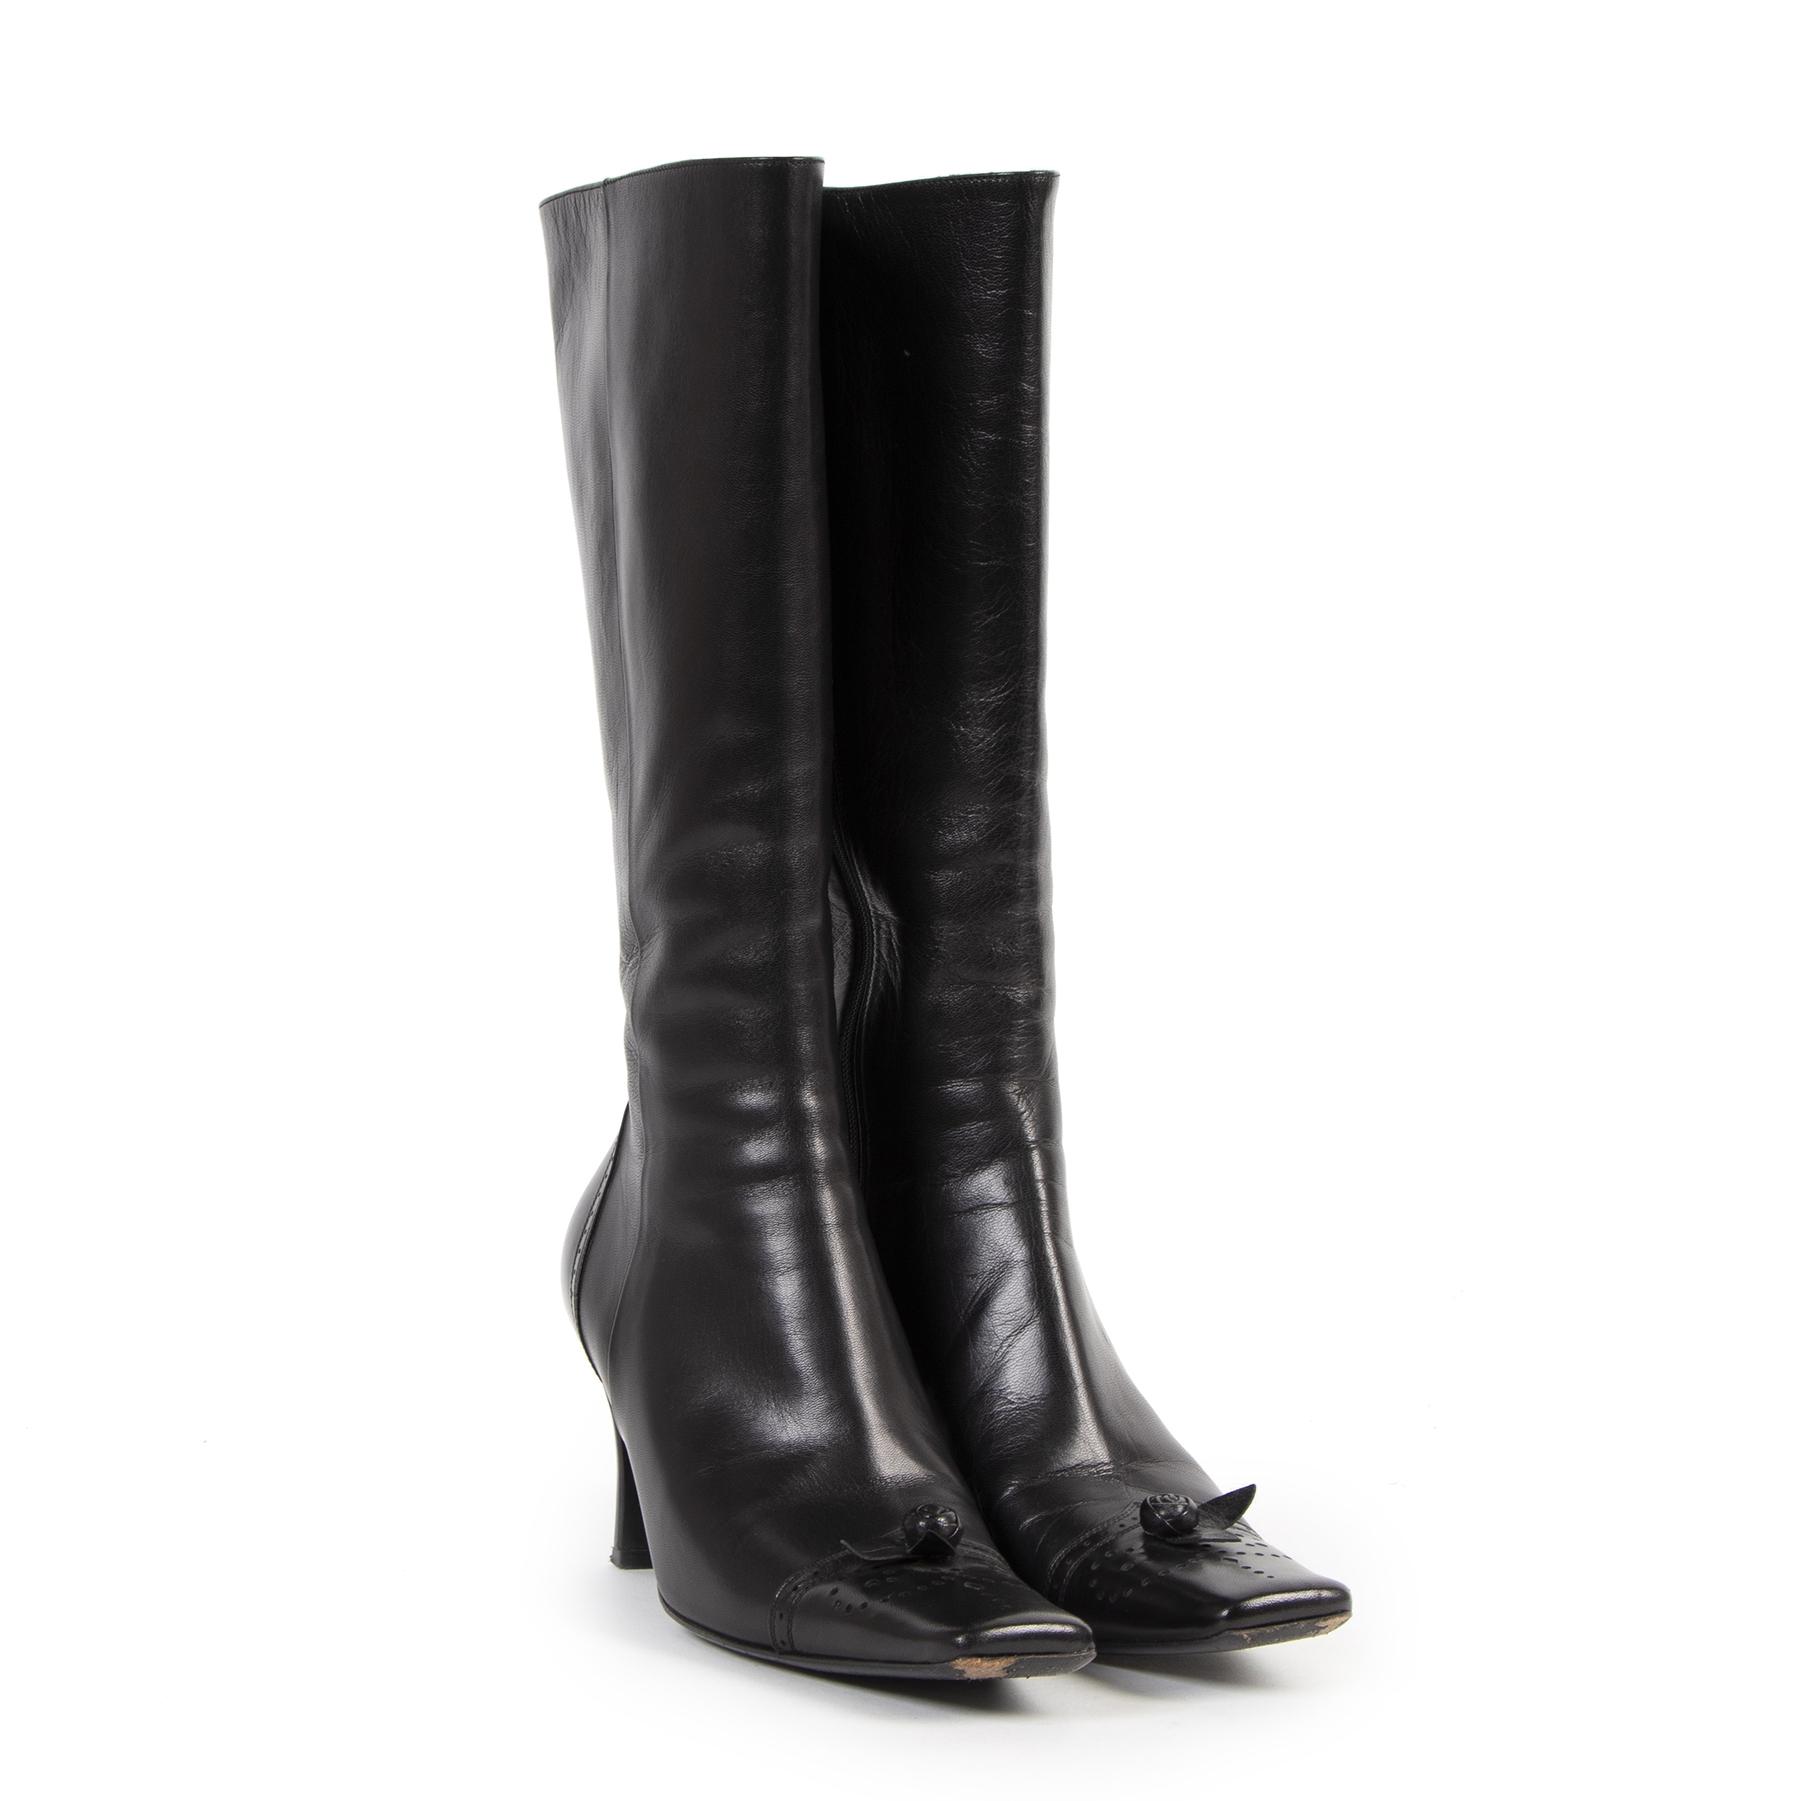 Authentieke Tweedehands Prada Black Leather Boots Square Tip Toe juiste prijs veilig online shoppen luxe merken webshop winkelen Antwerpen België mode fashion